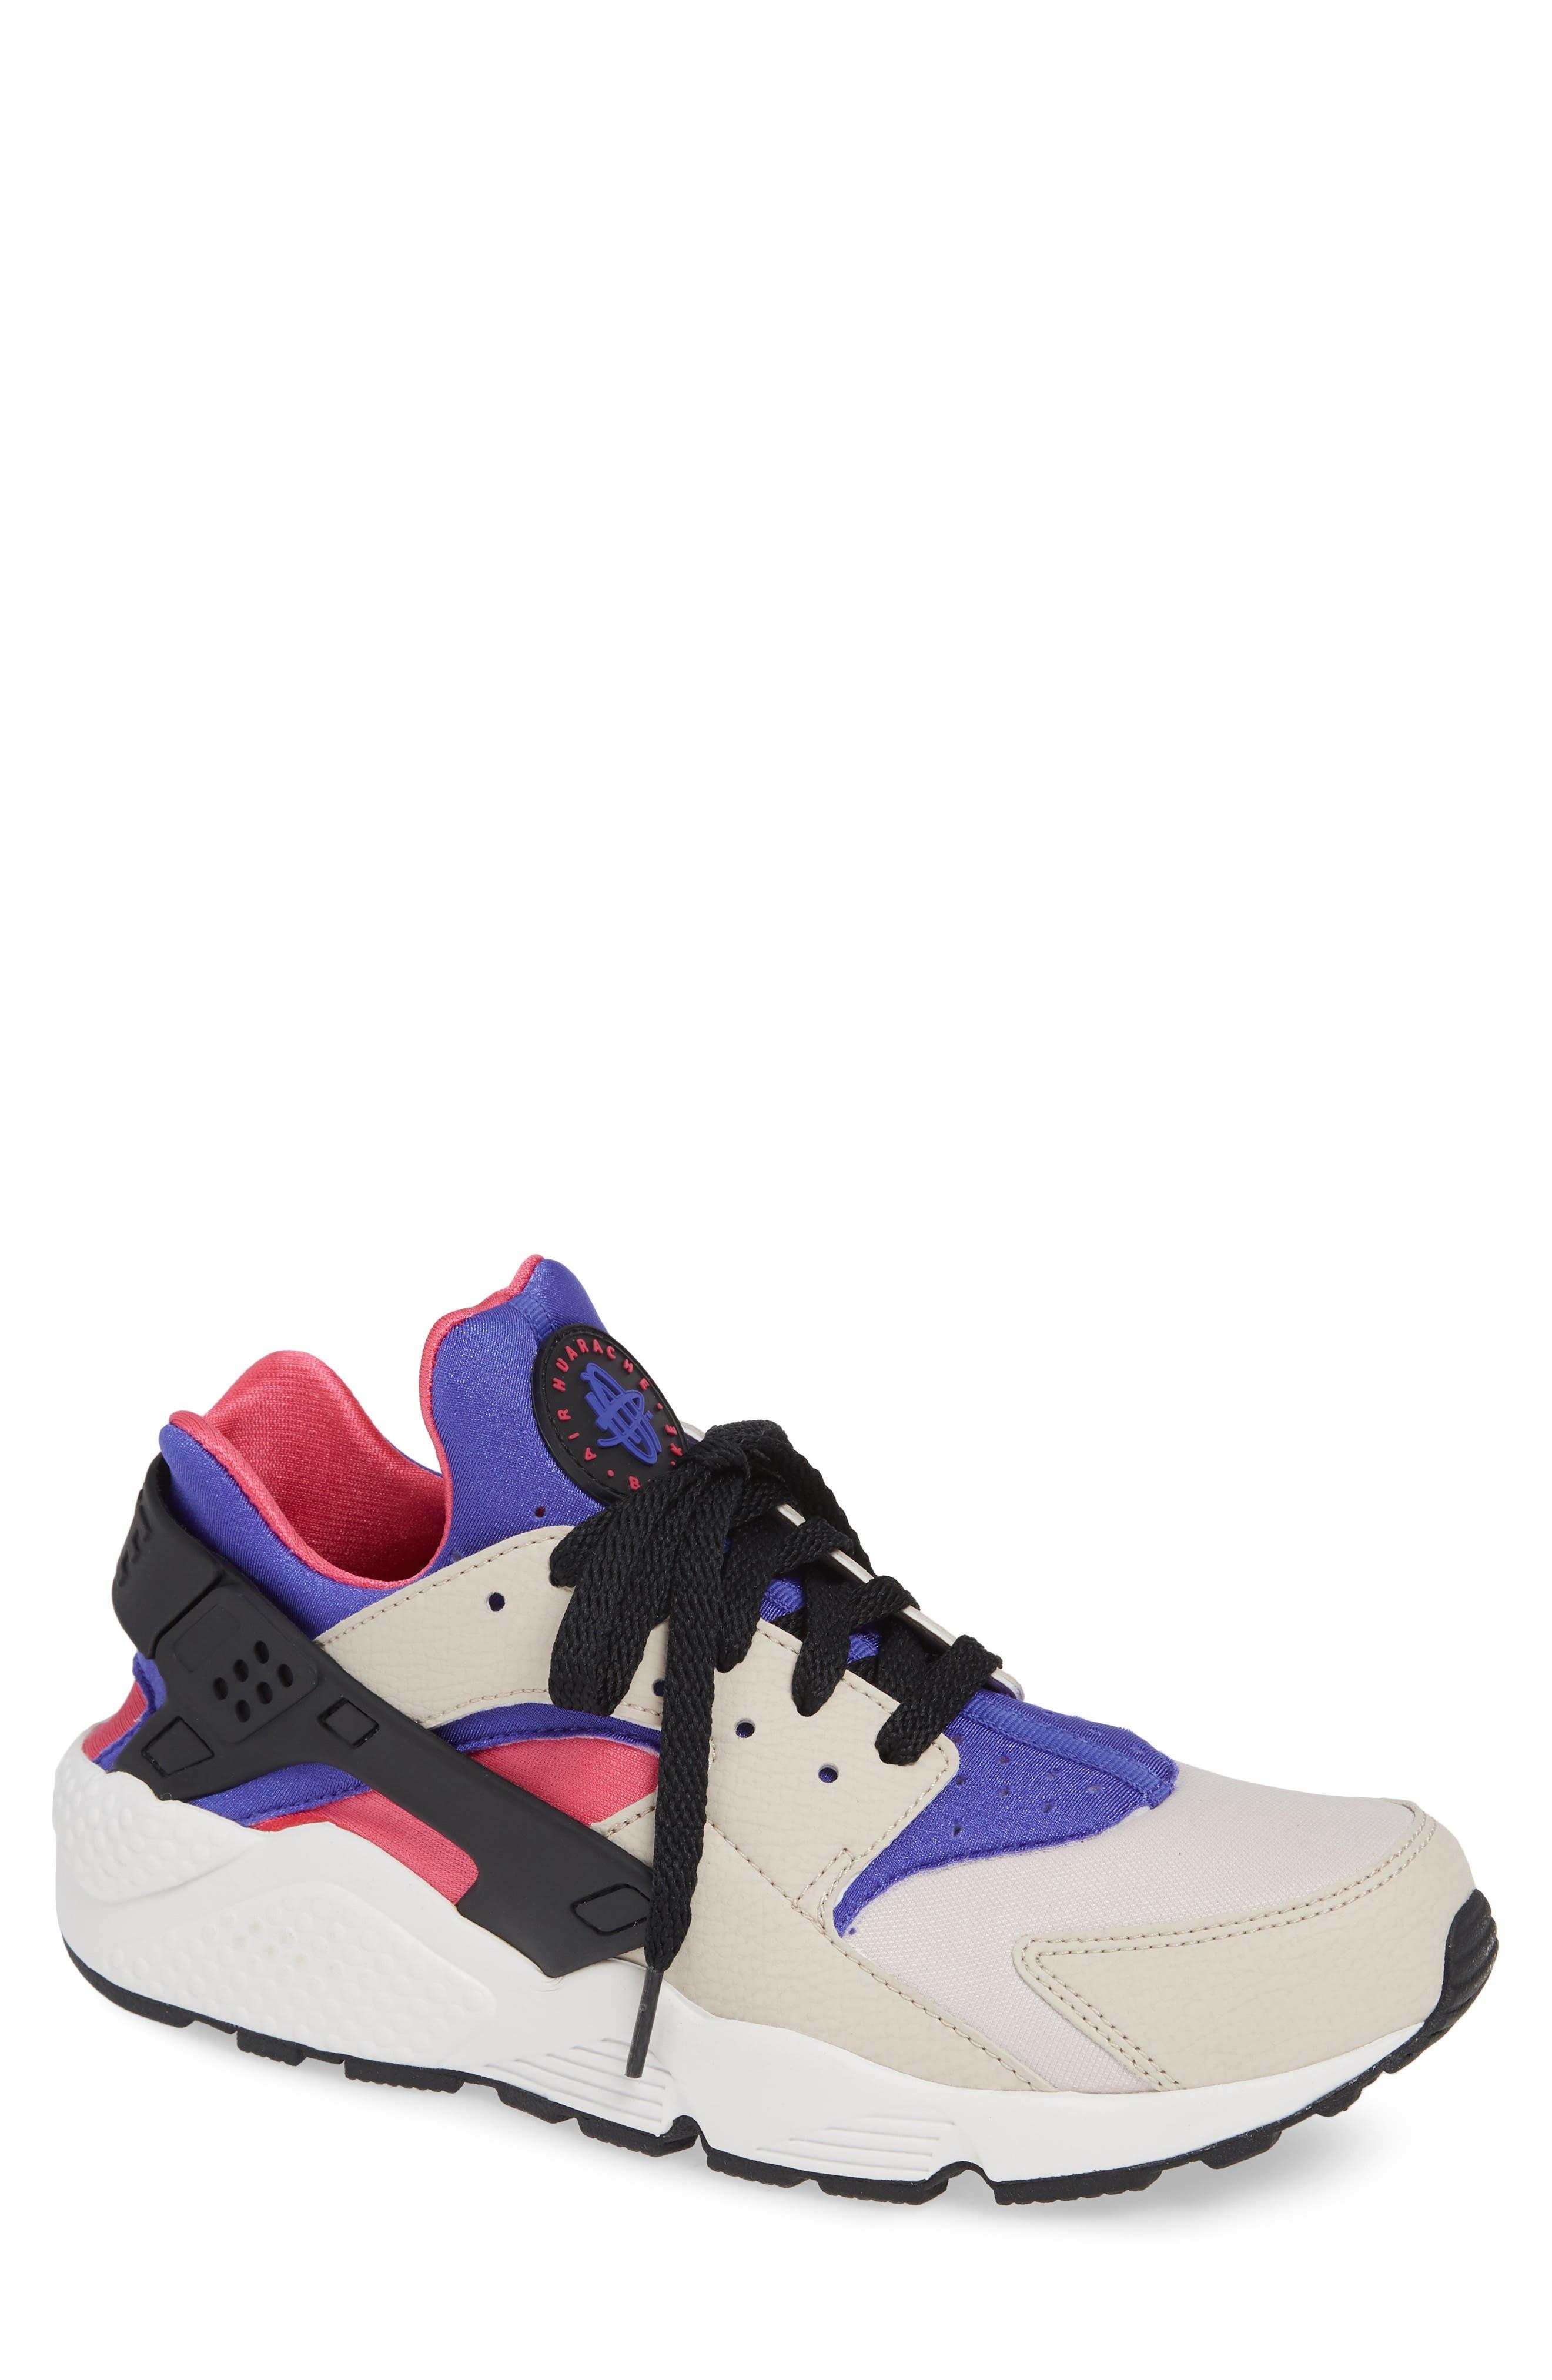 'Air Huarache' Sneaker,                             Main thumbnail 1, color,                             256